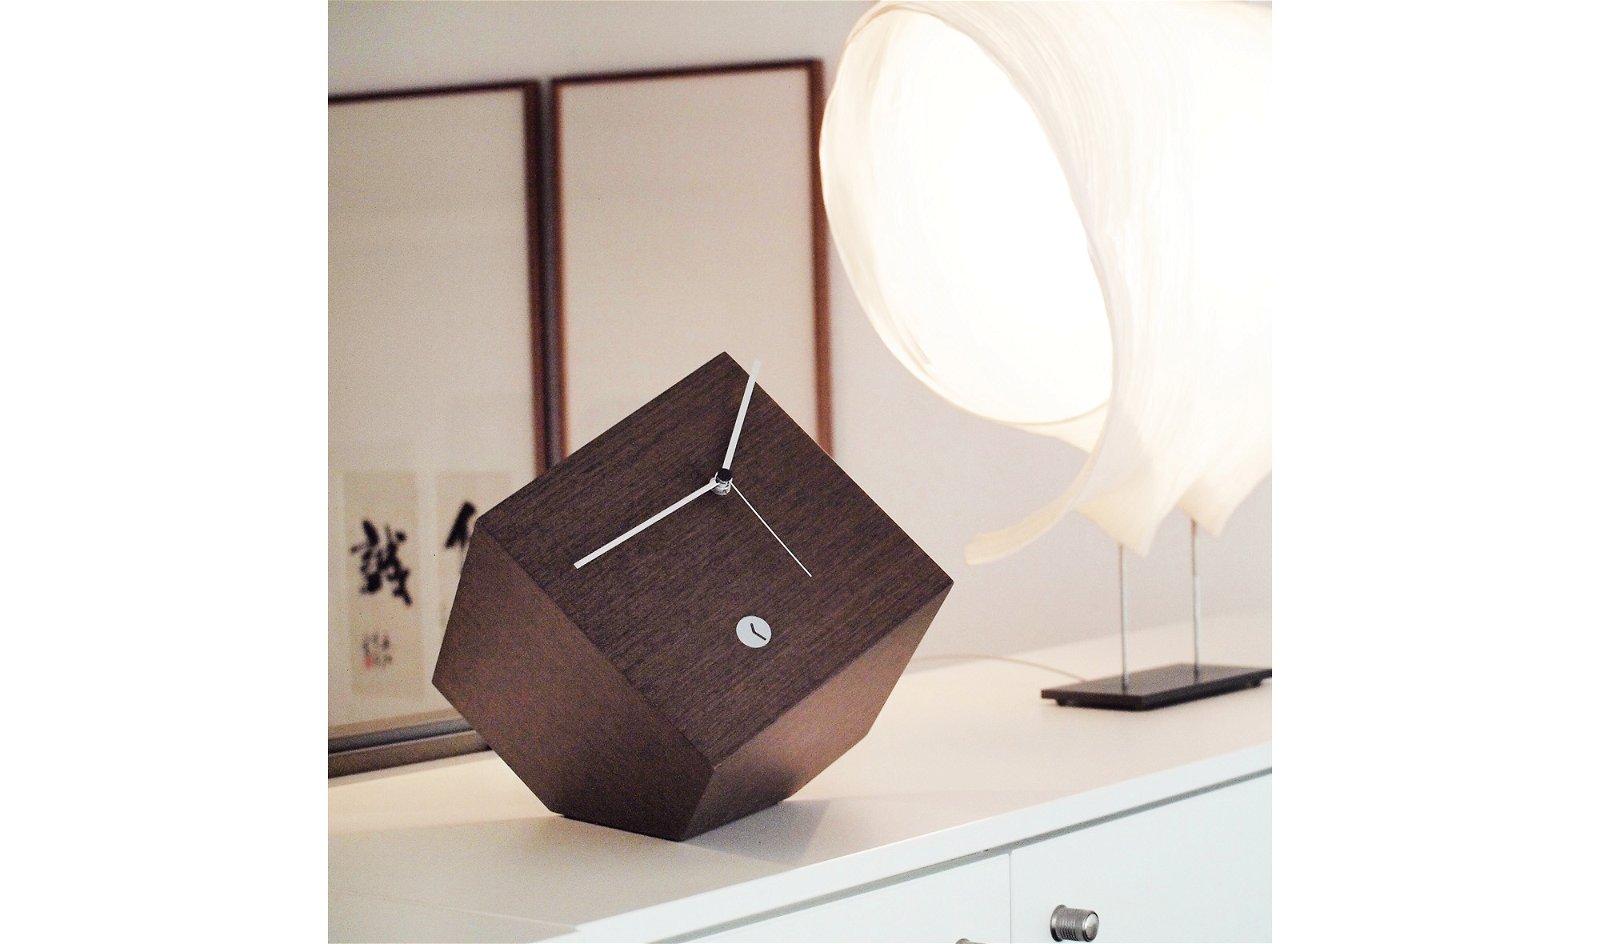 Reloj Box by Tothora